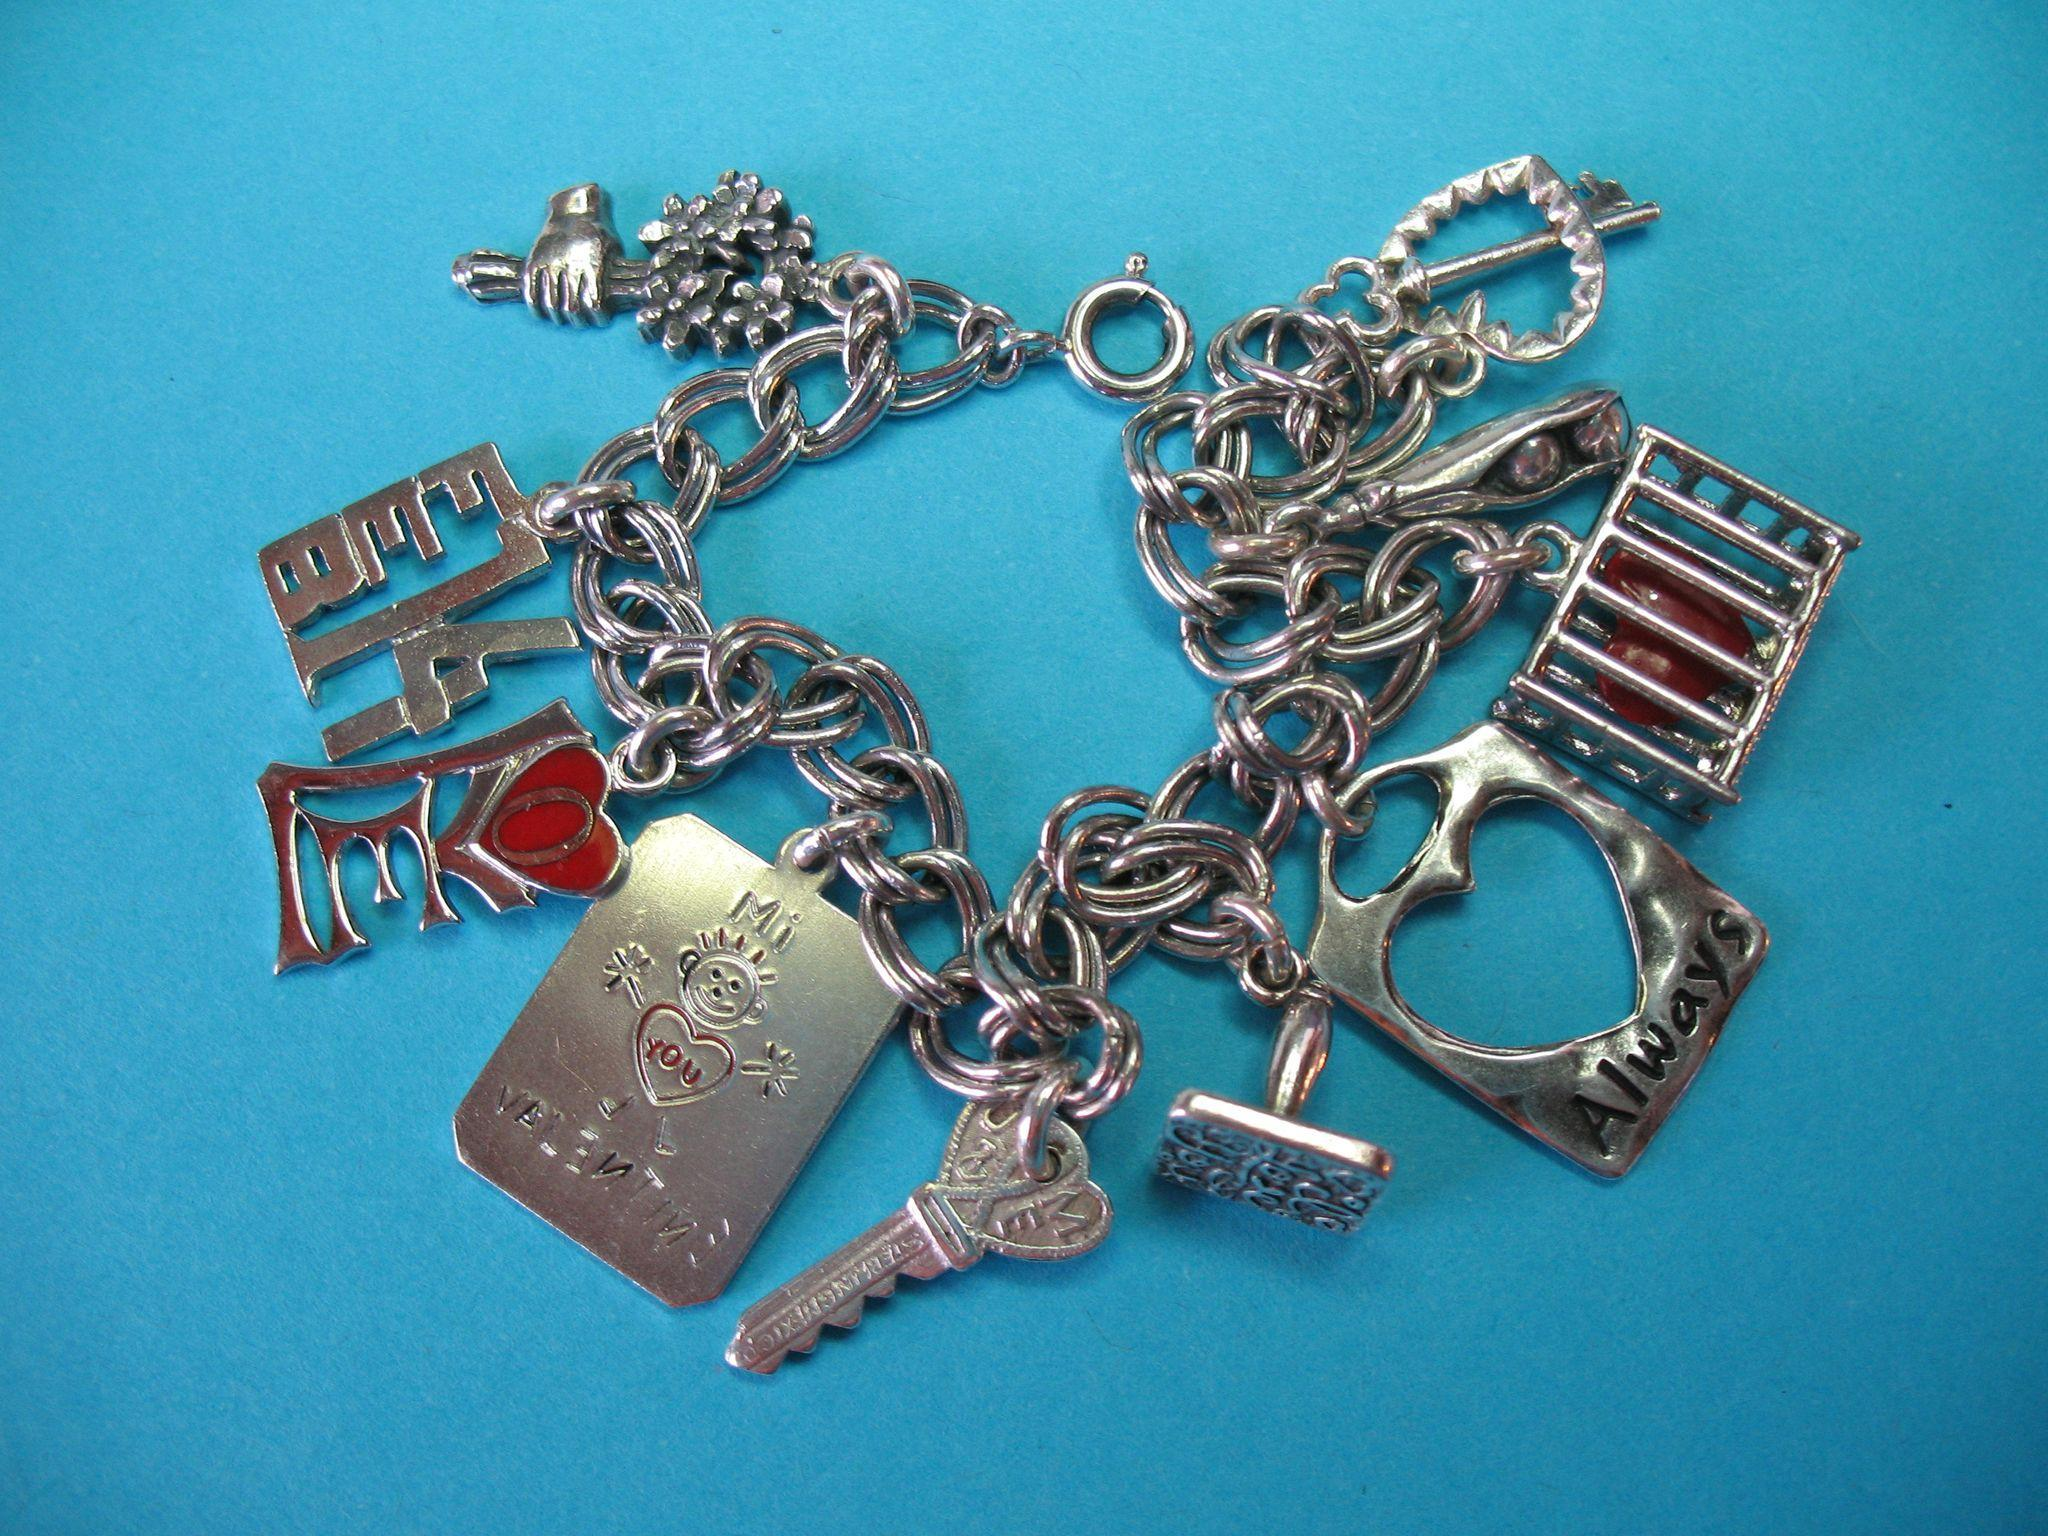 Vintage Sterling Silver Valentine's Charm Bracelet